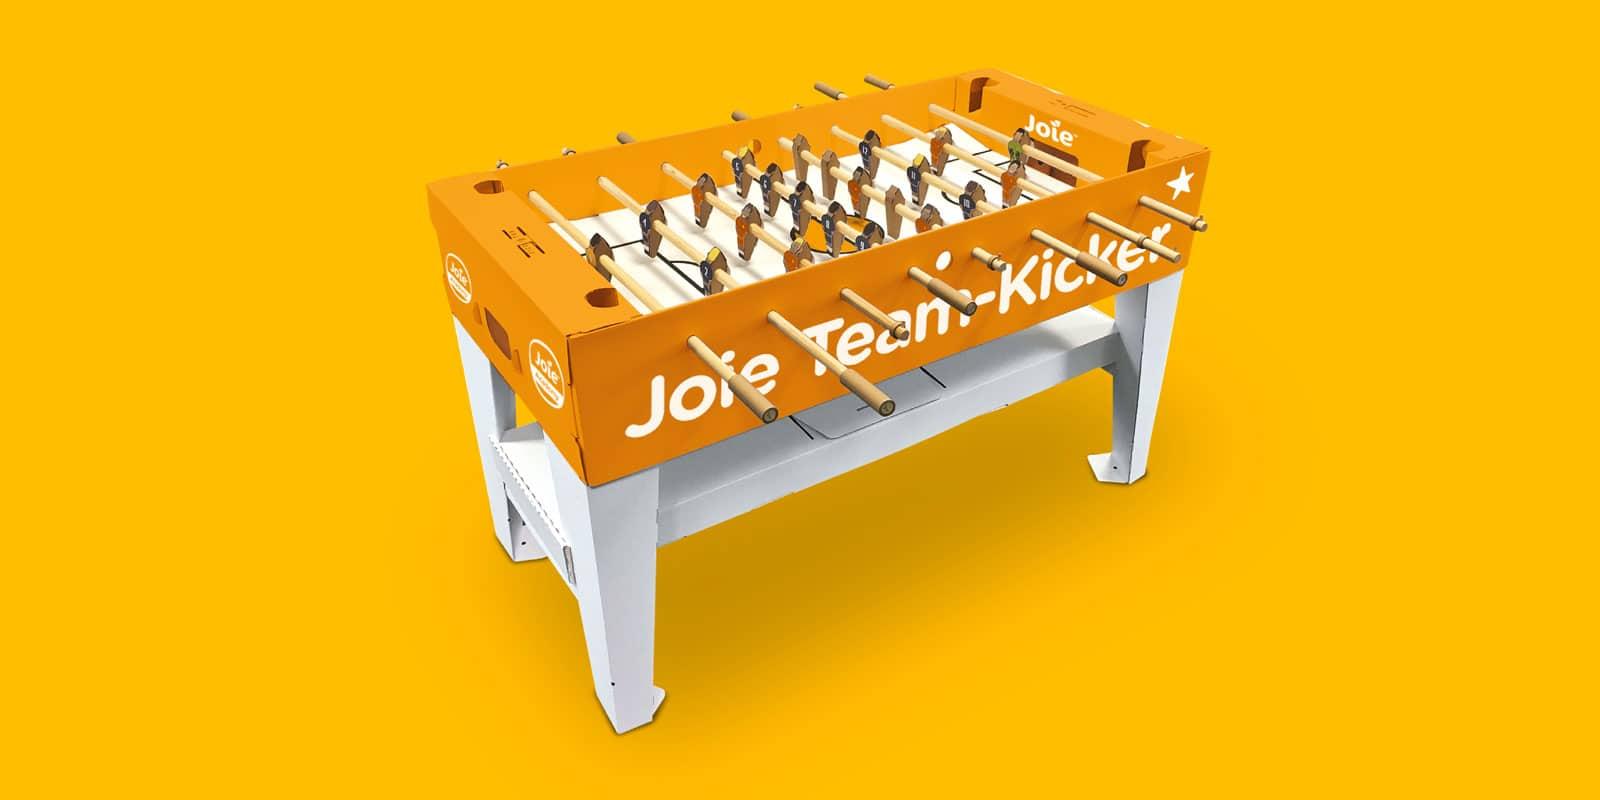 Joie – Händlermotivationsprogramm Joie Academy